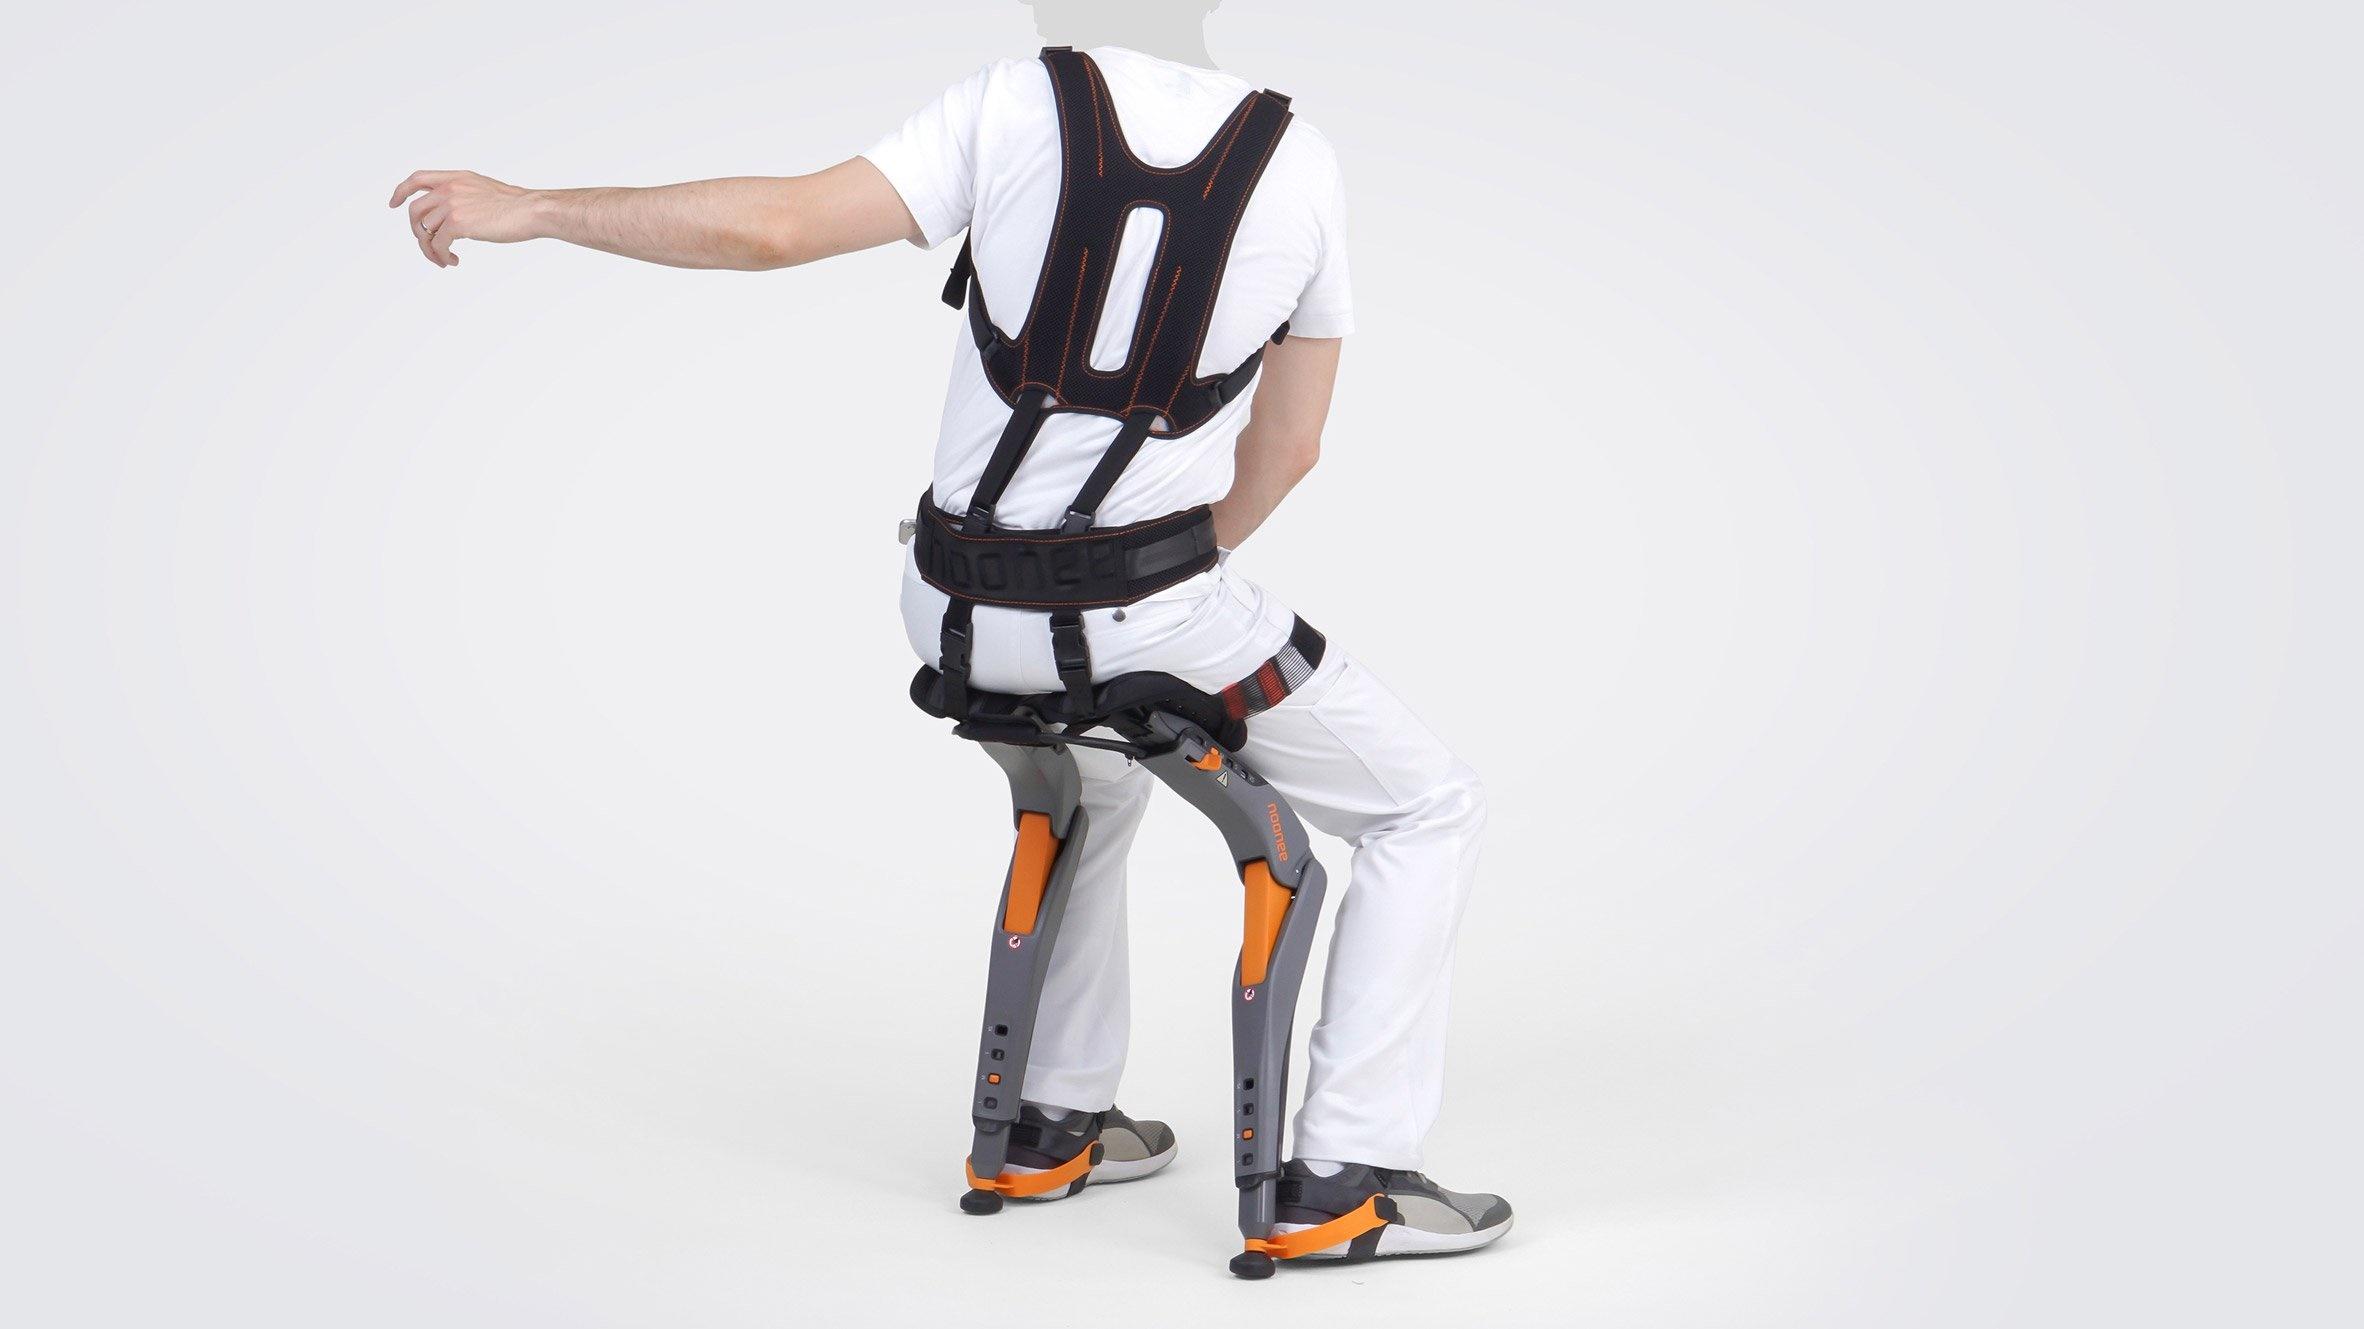 تصاویری از صندلی دوپایه فوق فناورانه برای شمایی که در محیط کار کمردرد دارید